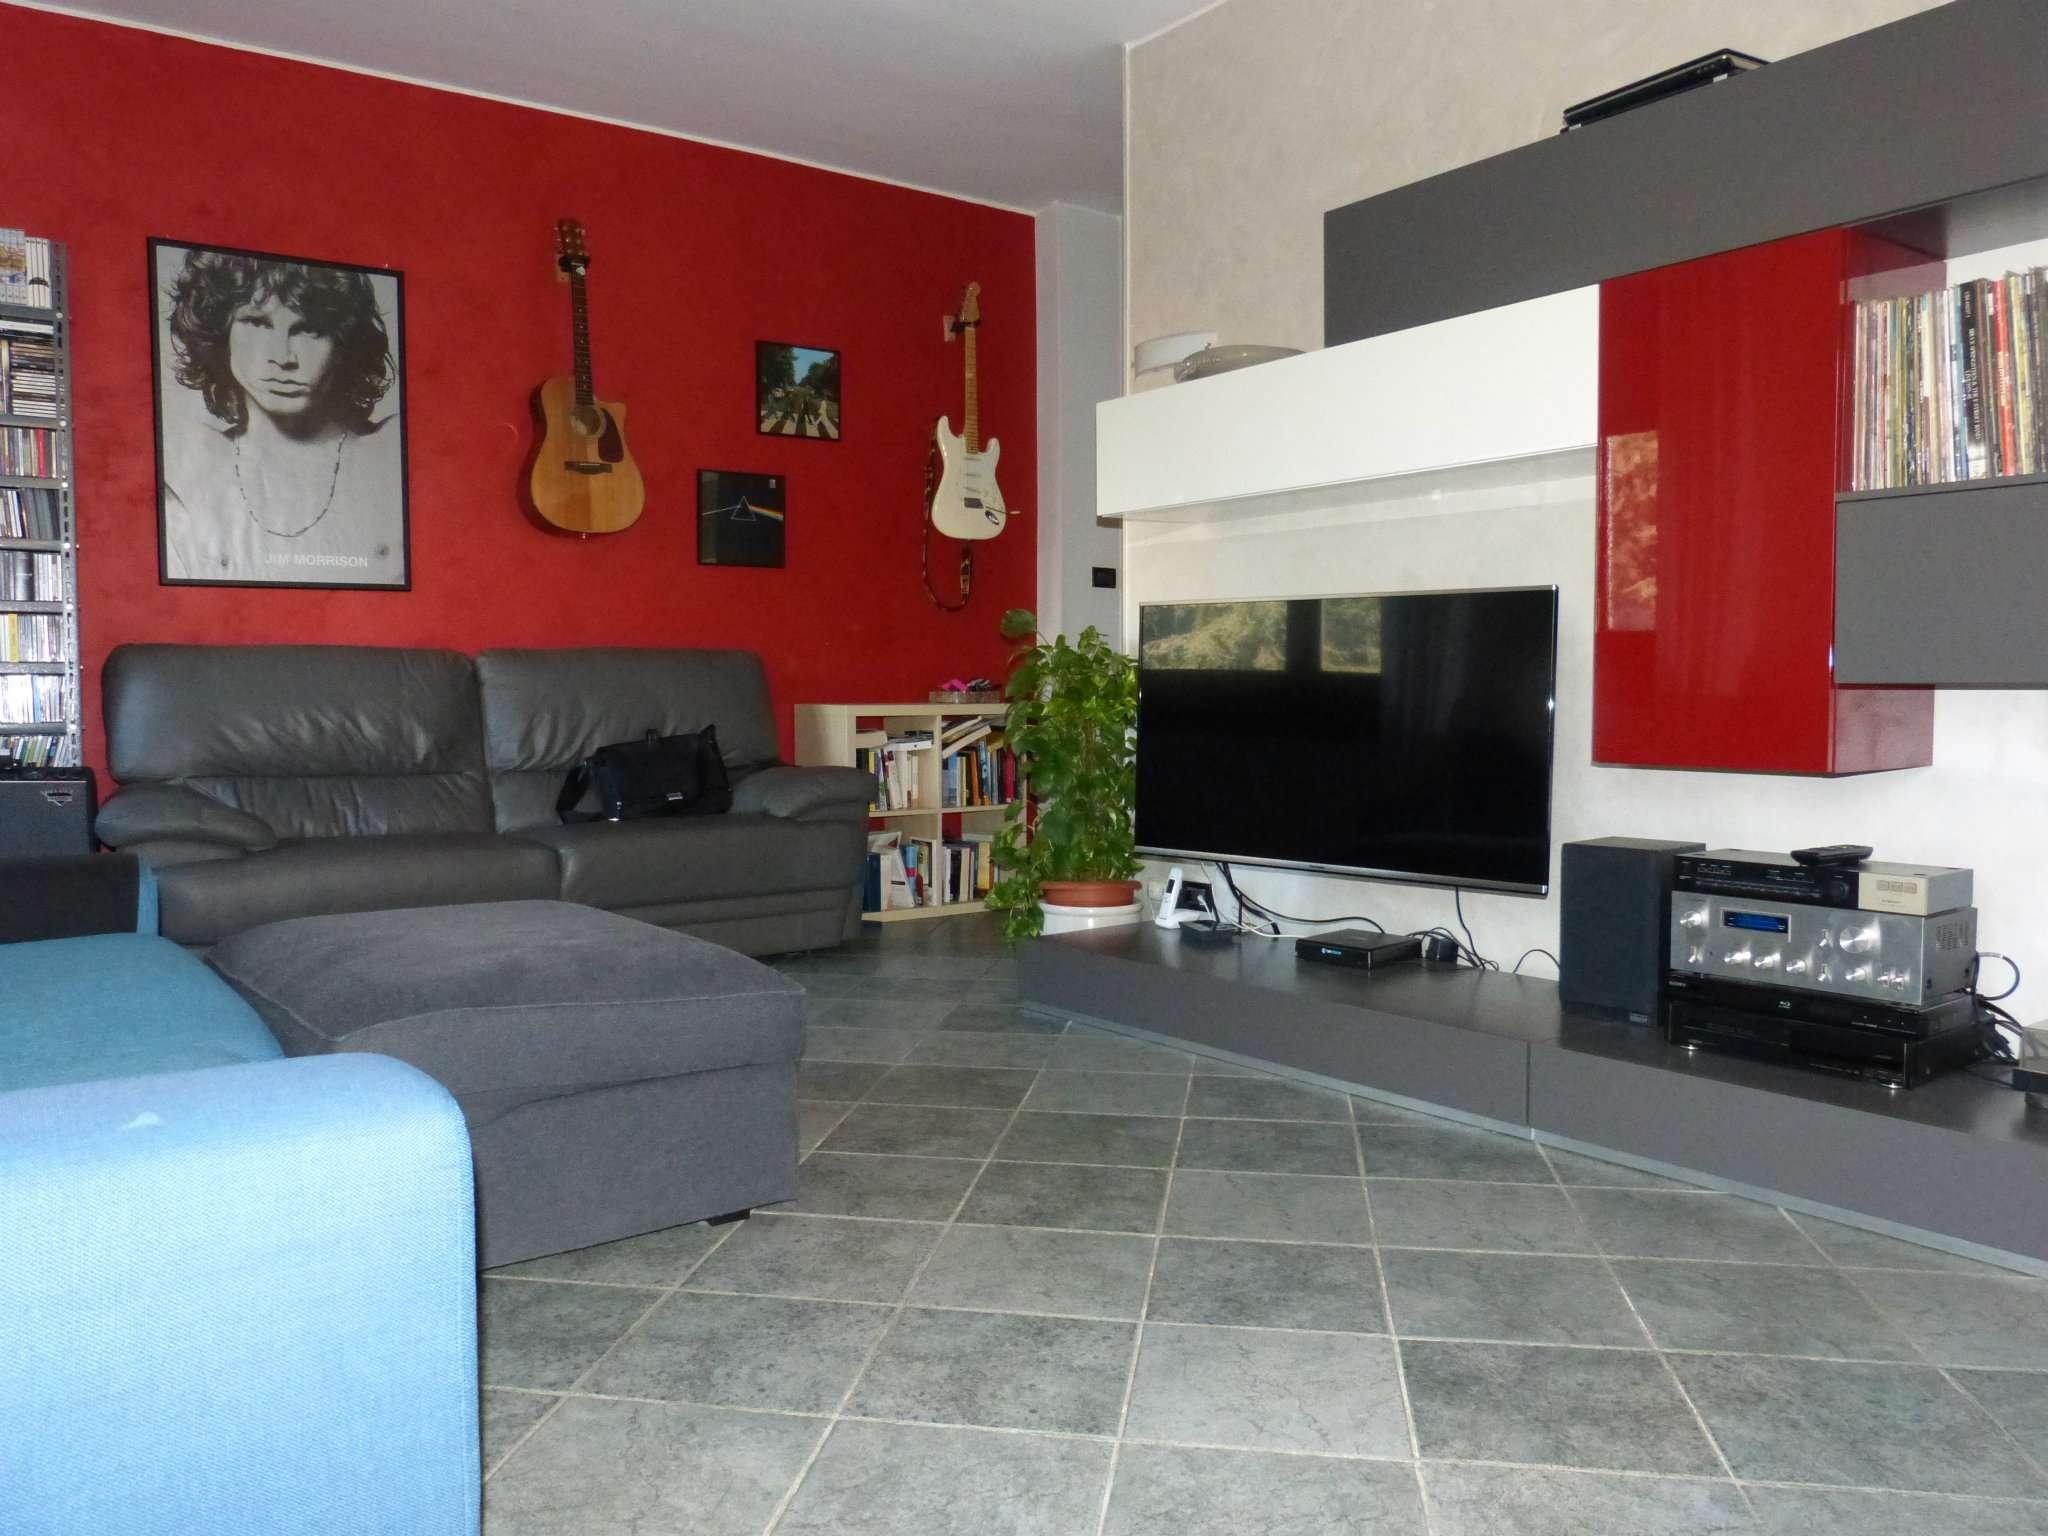 Appartamento in vendita a Fossano, 3 locali, prezzo € 128.000 | CambioCasa.it